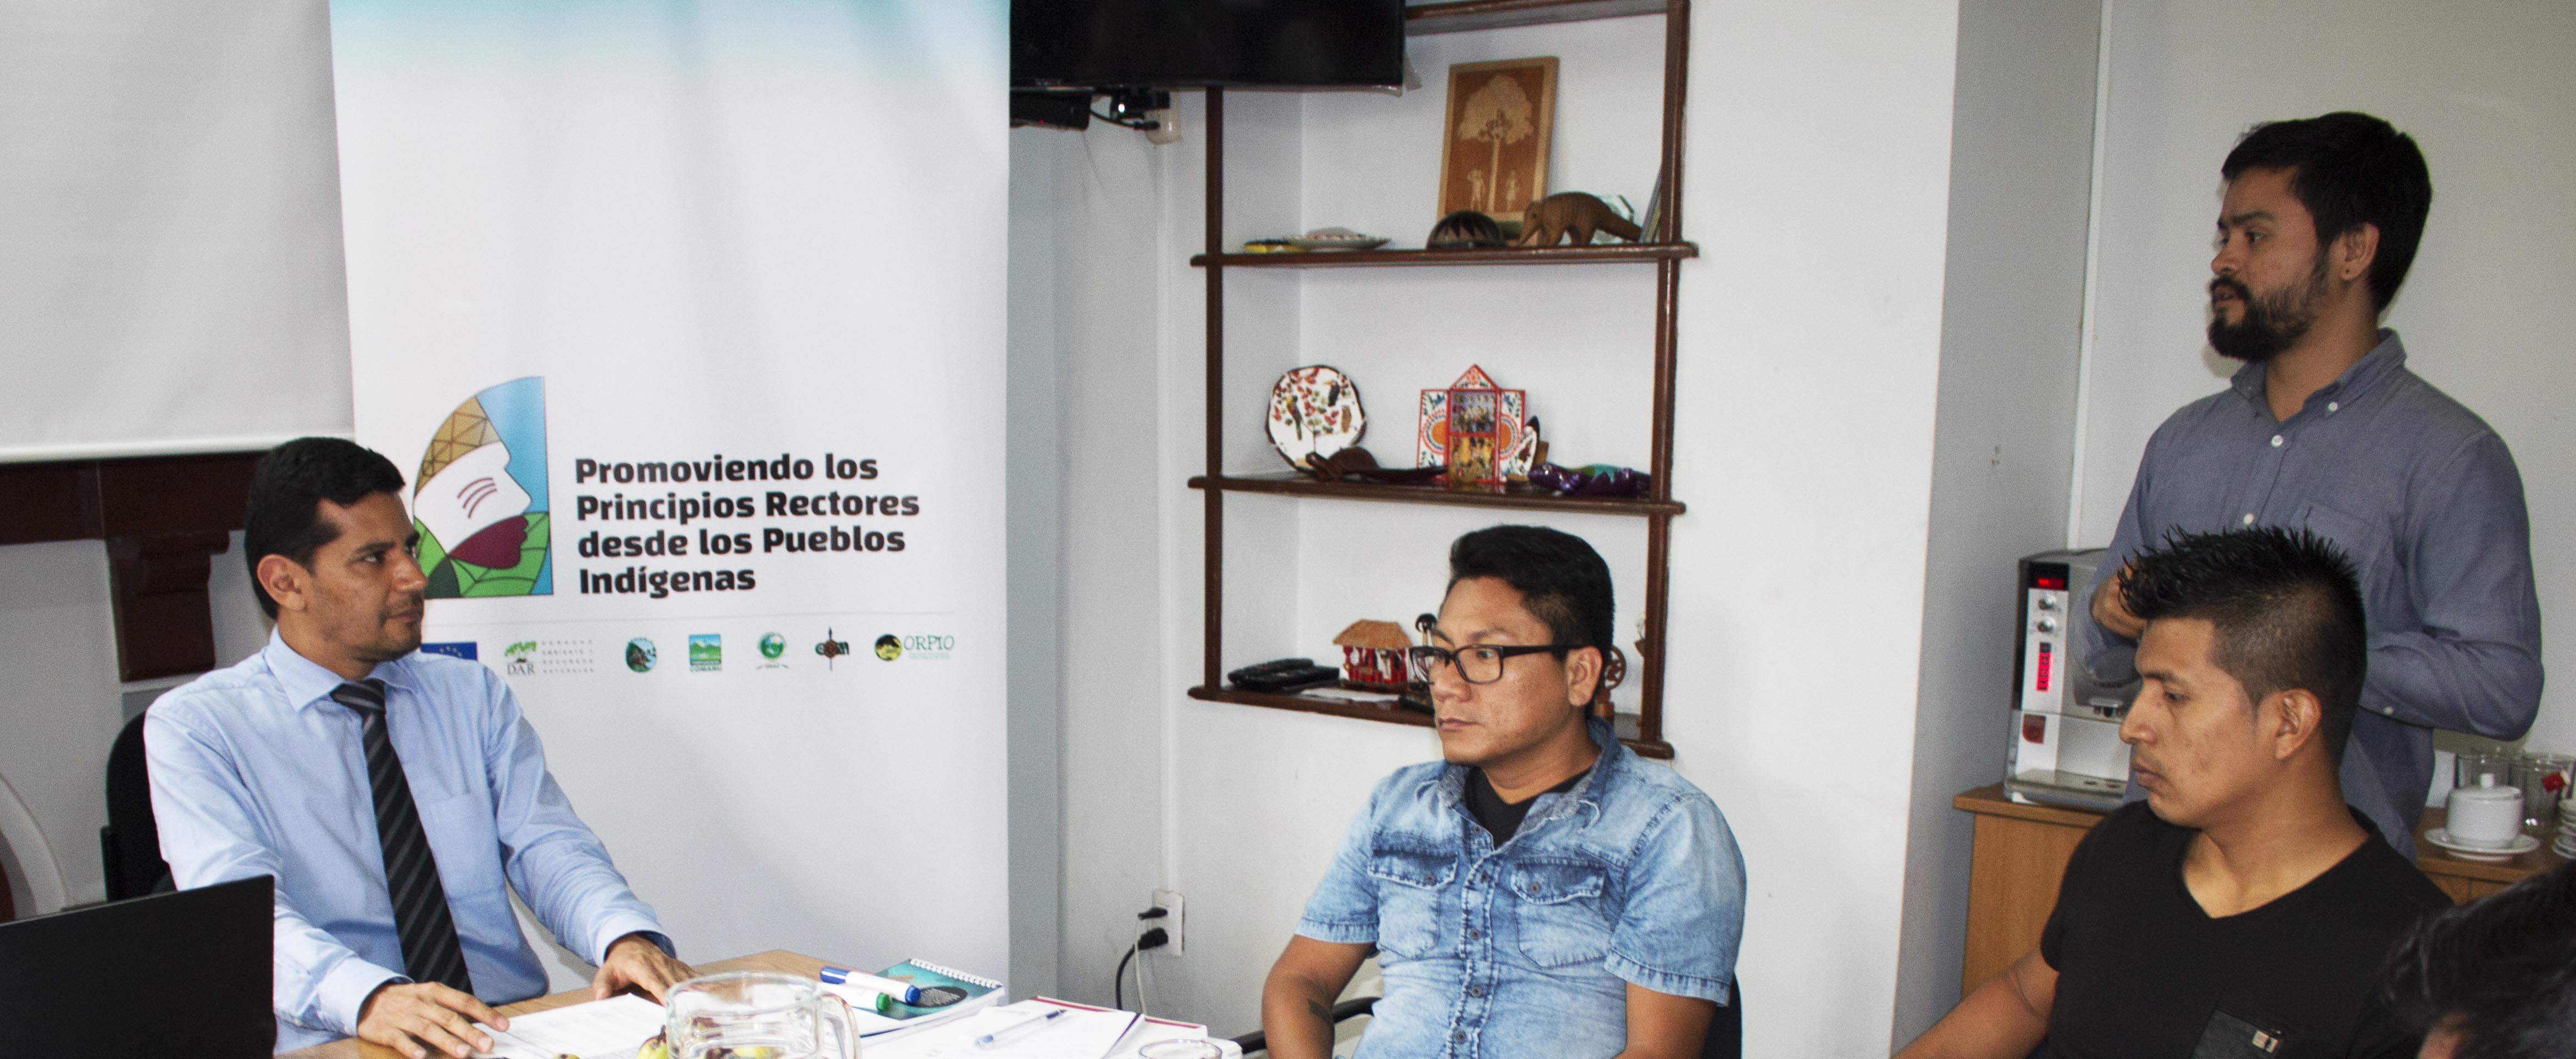 Alonso Cárdenas del Ministerio de Justicia explica el Plan Nacional de Acción de empresas y derechos humanos / Foto: DAR